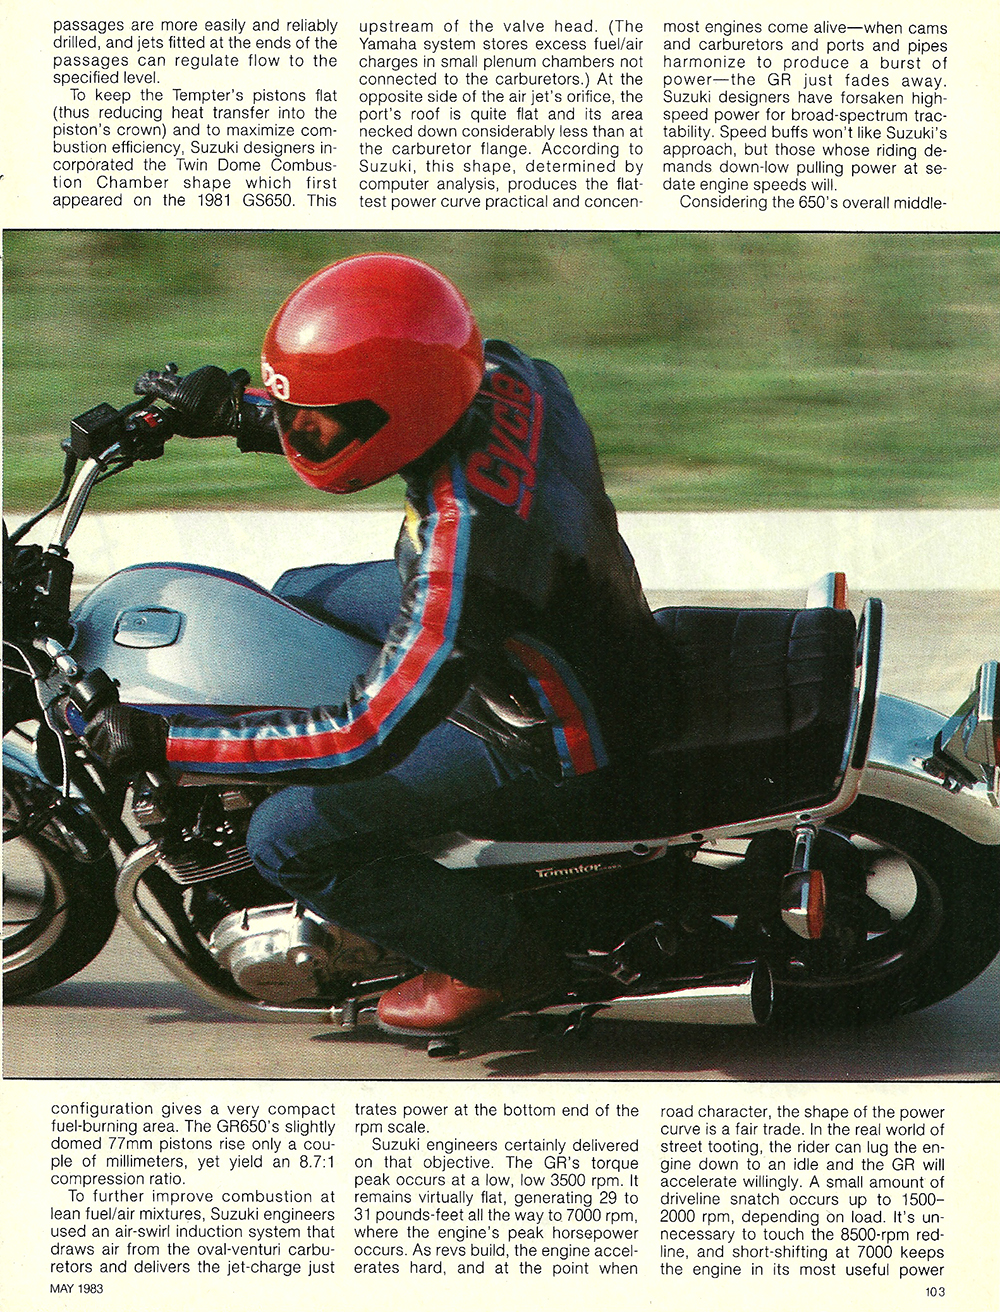 1983 Suzuki GR650D Tempter road test 4.jpg